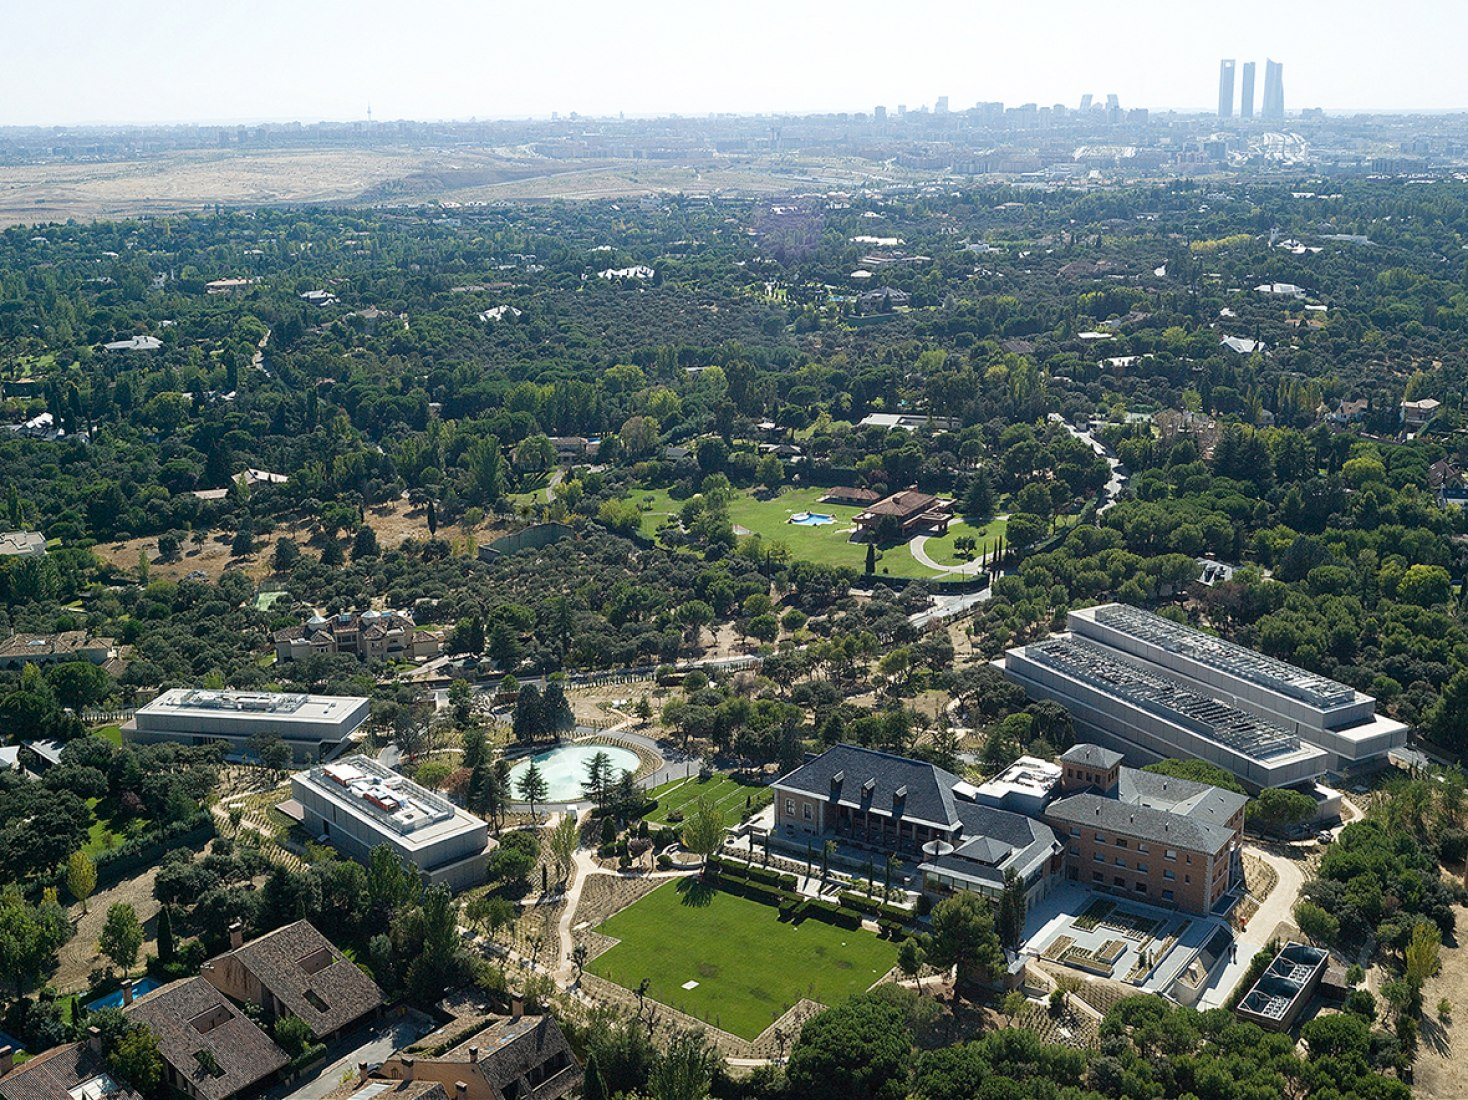 Vista a ojo de pájaro. Campus BBVA por Enguita Lasso de la Vega. Fotografía © José Hevia.